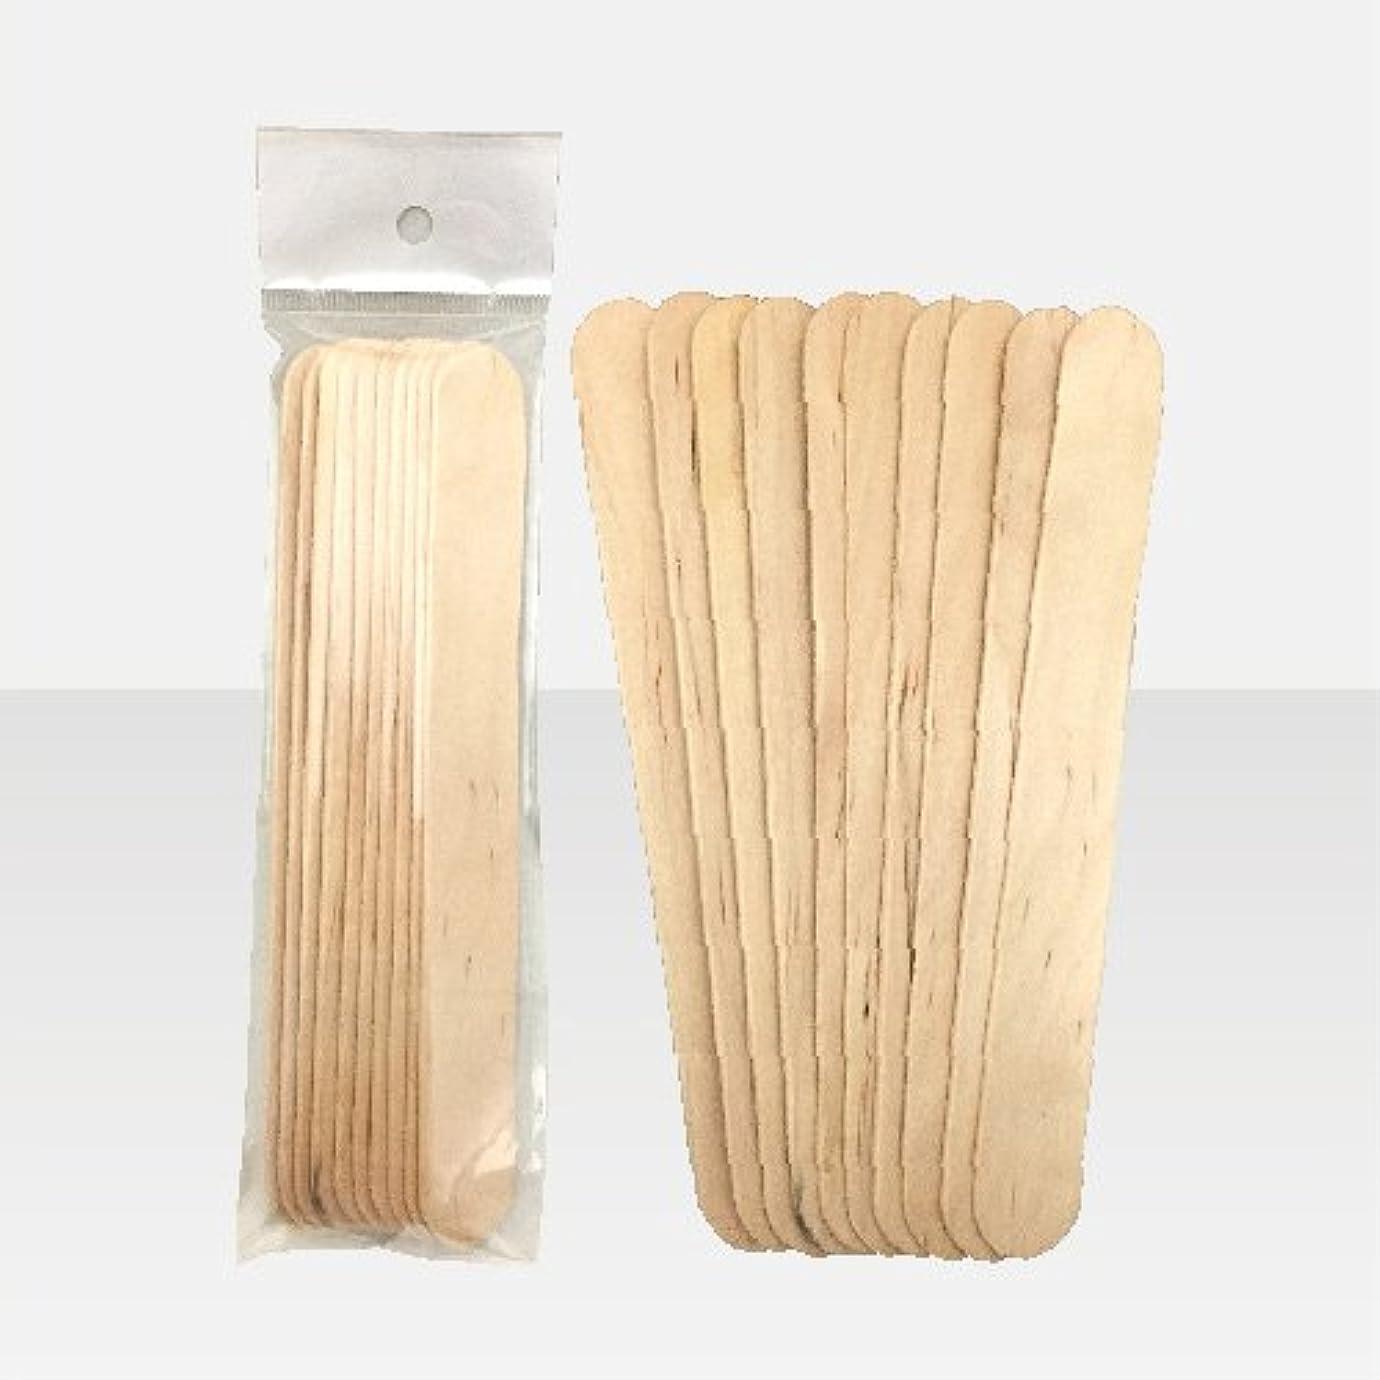 宮殿ショッピングセンター時間とともにブラジリアンワックス 脱毛ワックス用  ワックススパチュラ 木ベラ /10本セット Mサイズ